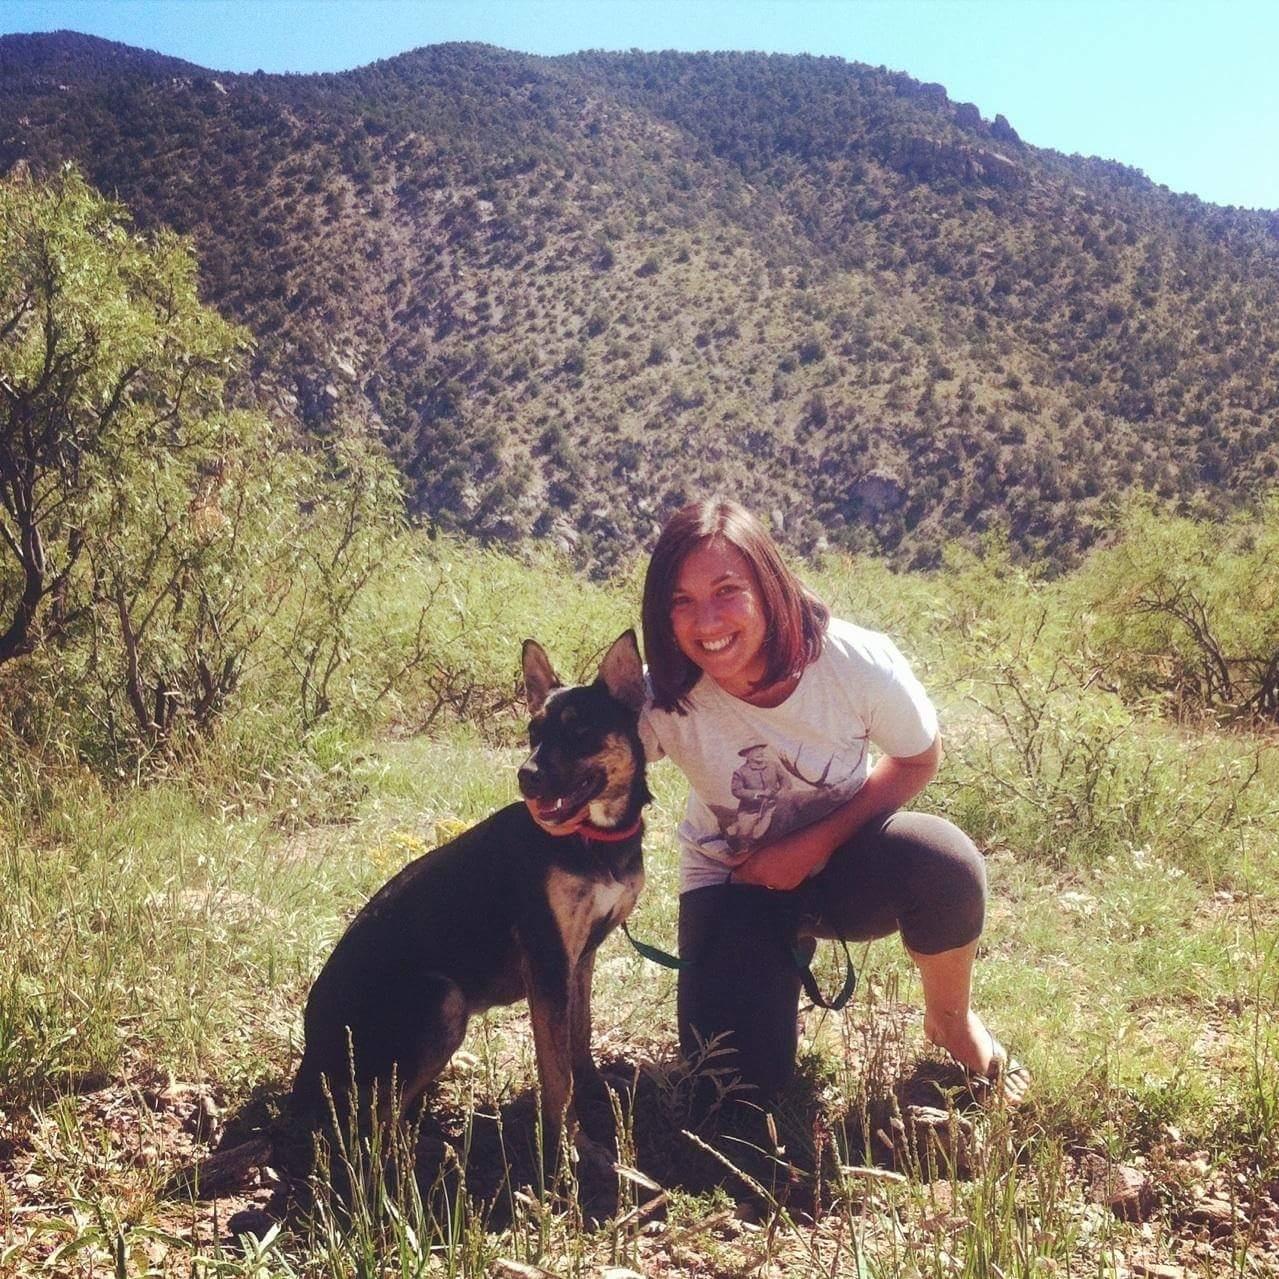 Susan Torres - Communications Director, New Mexico Wildlife FederationInstagram: @imsusantorresTwitter: @imsusantorres